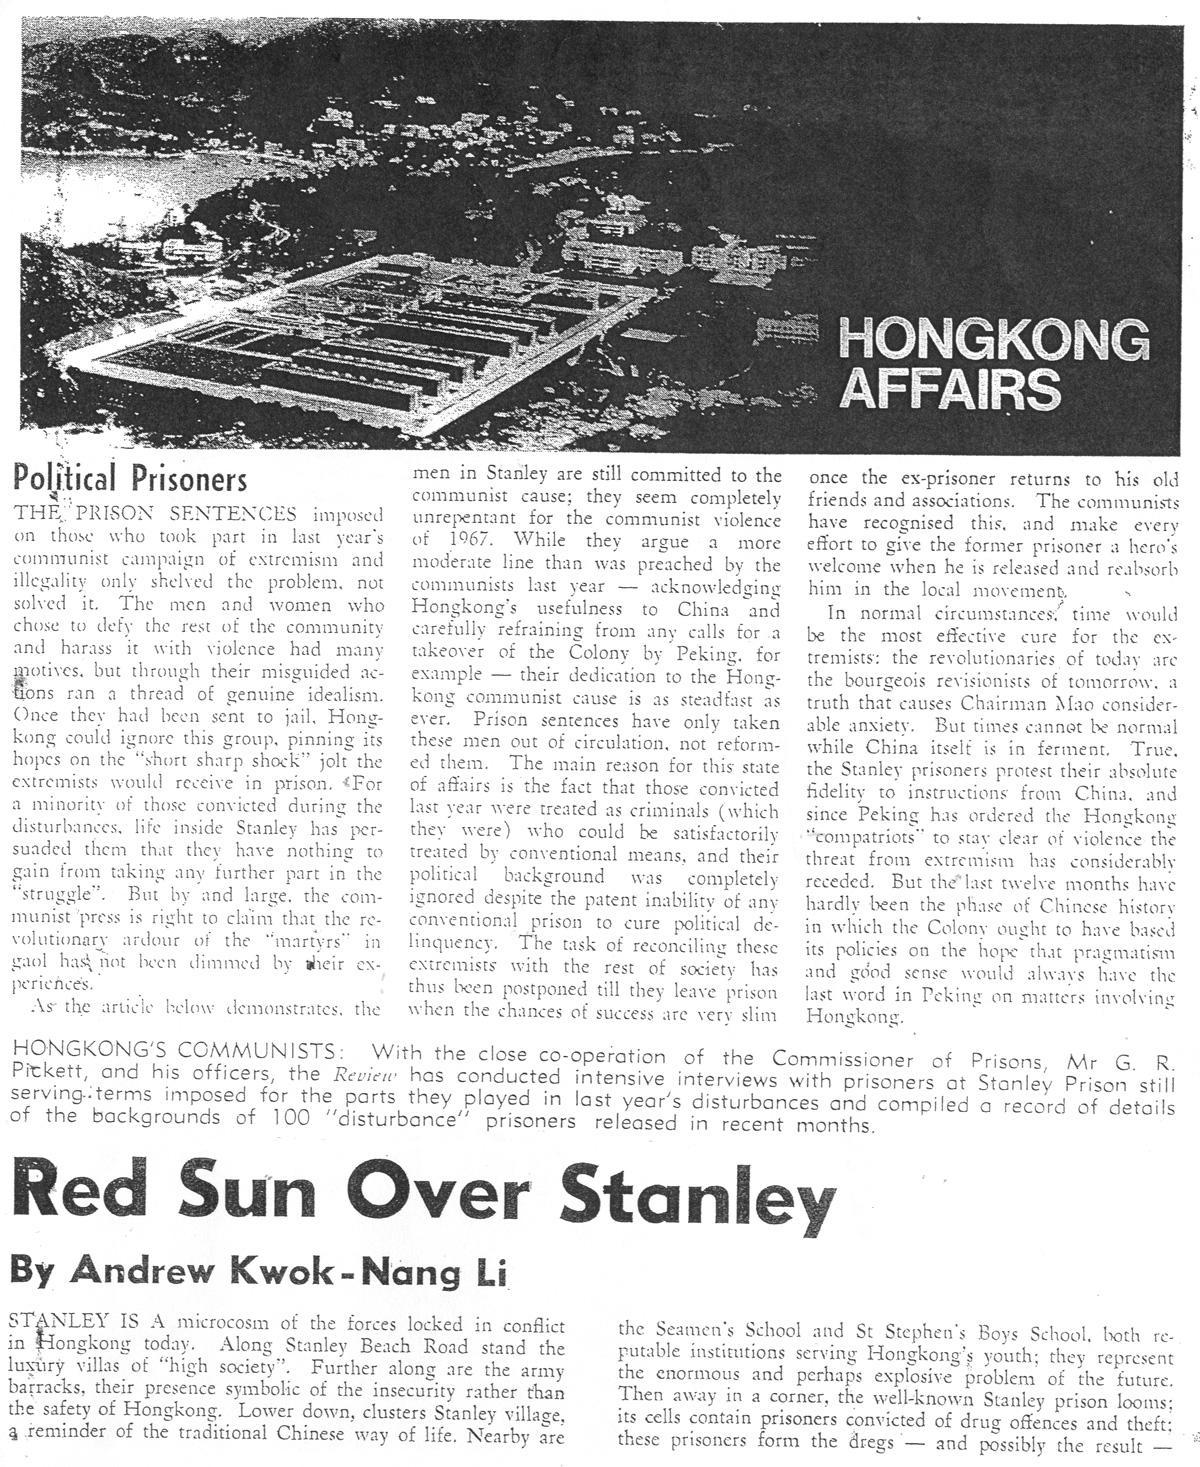 李國能1968年擔任《遠東經濟評論》實習記者,前往赤柱監獄訪問曾德成等左派囚犯後,是年7月25日在《遠東經濟評論》發表題為Red Sun Over Stanley的報道。